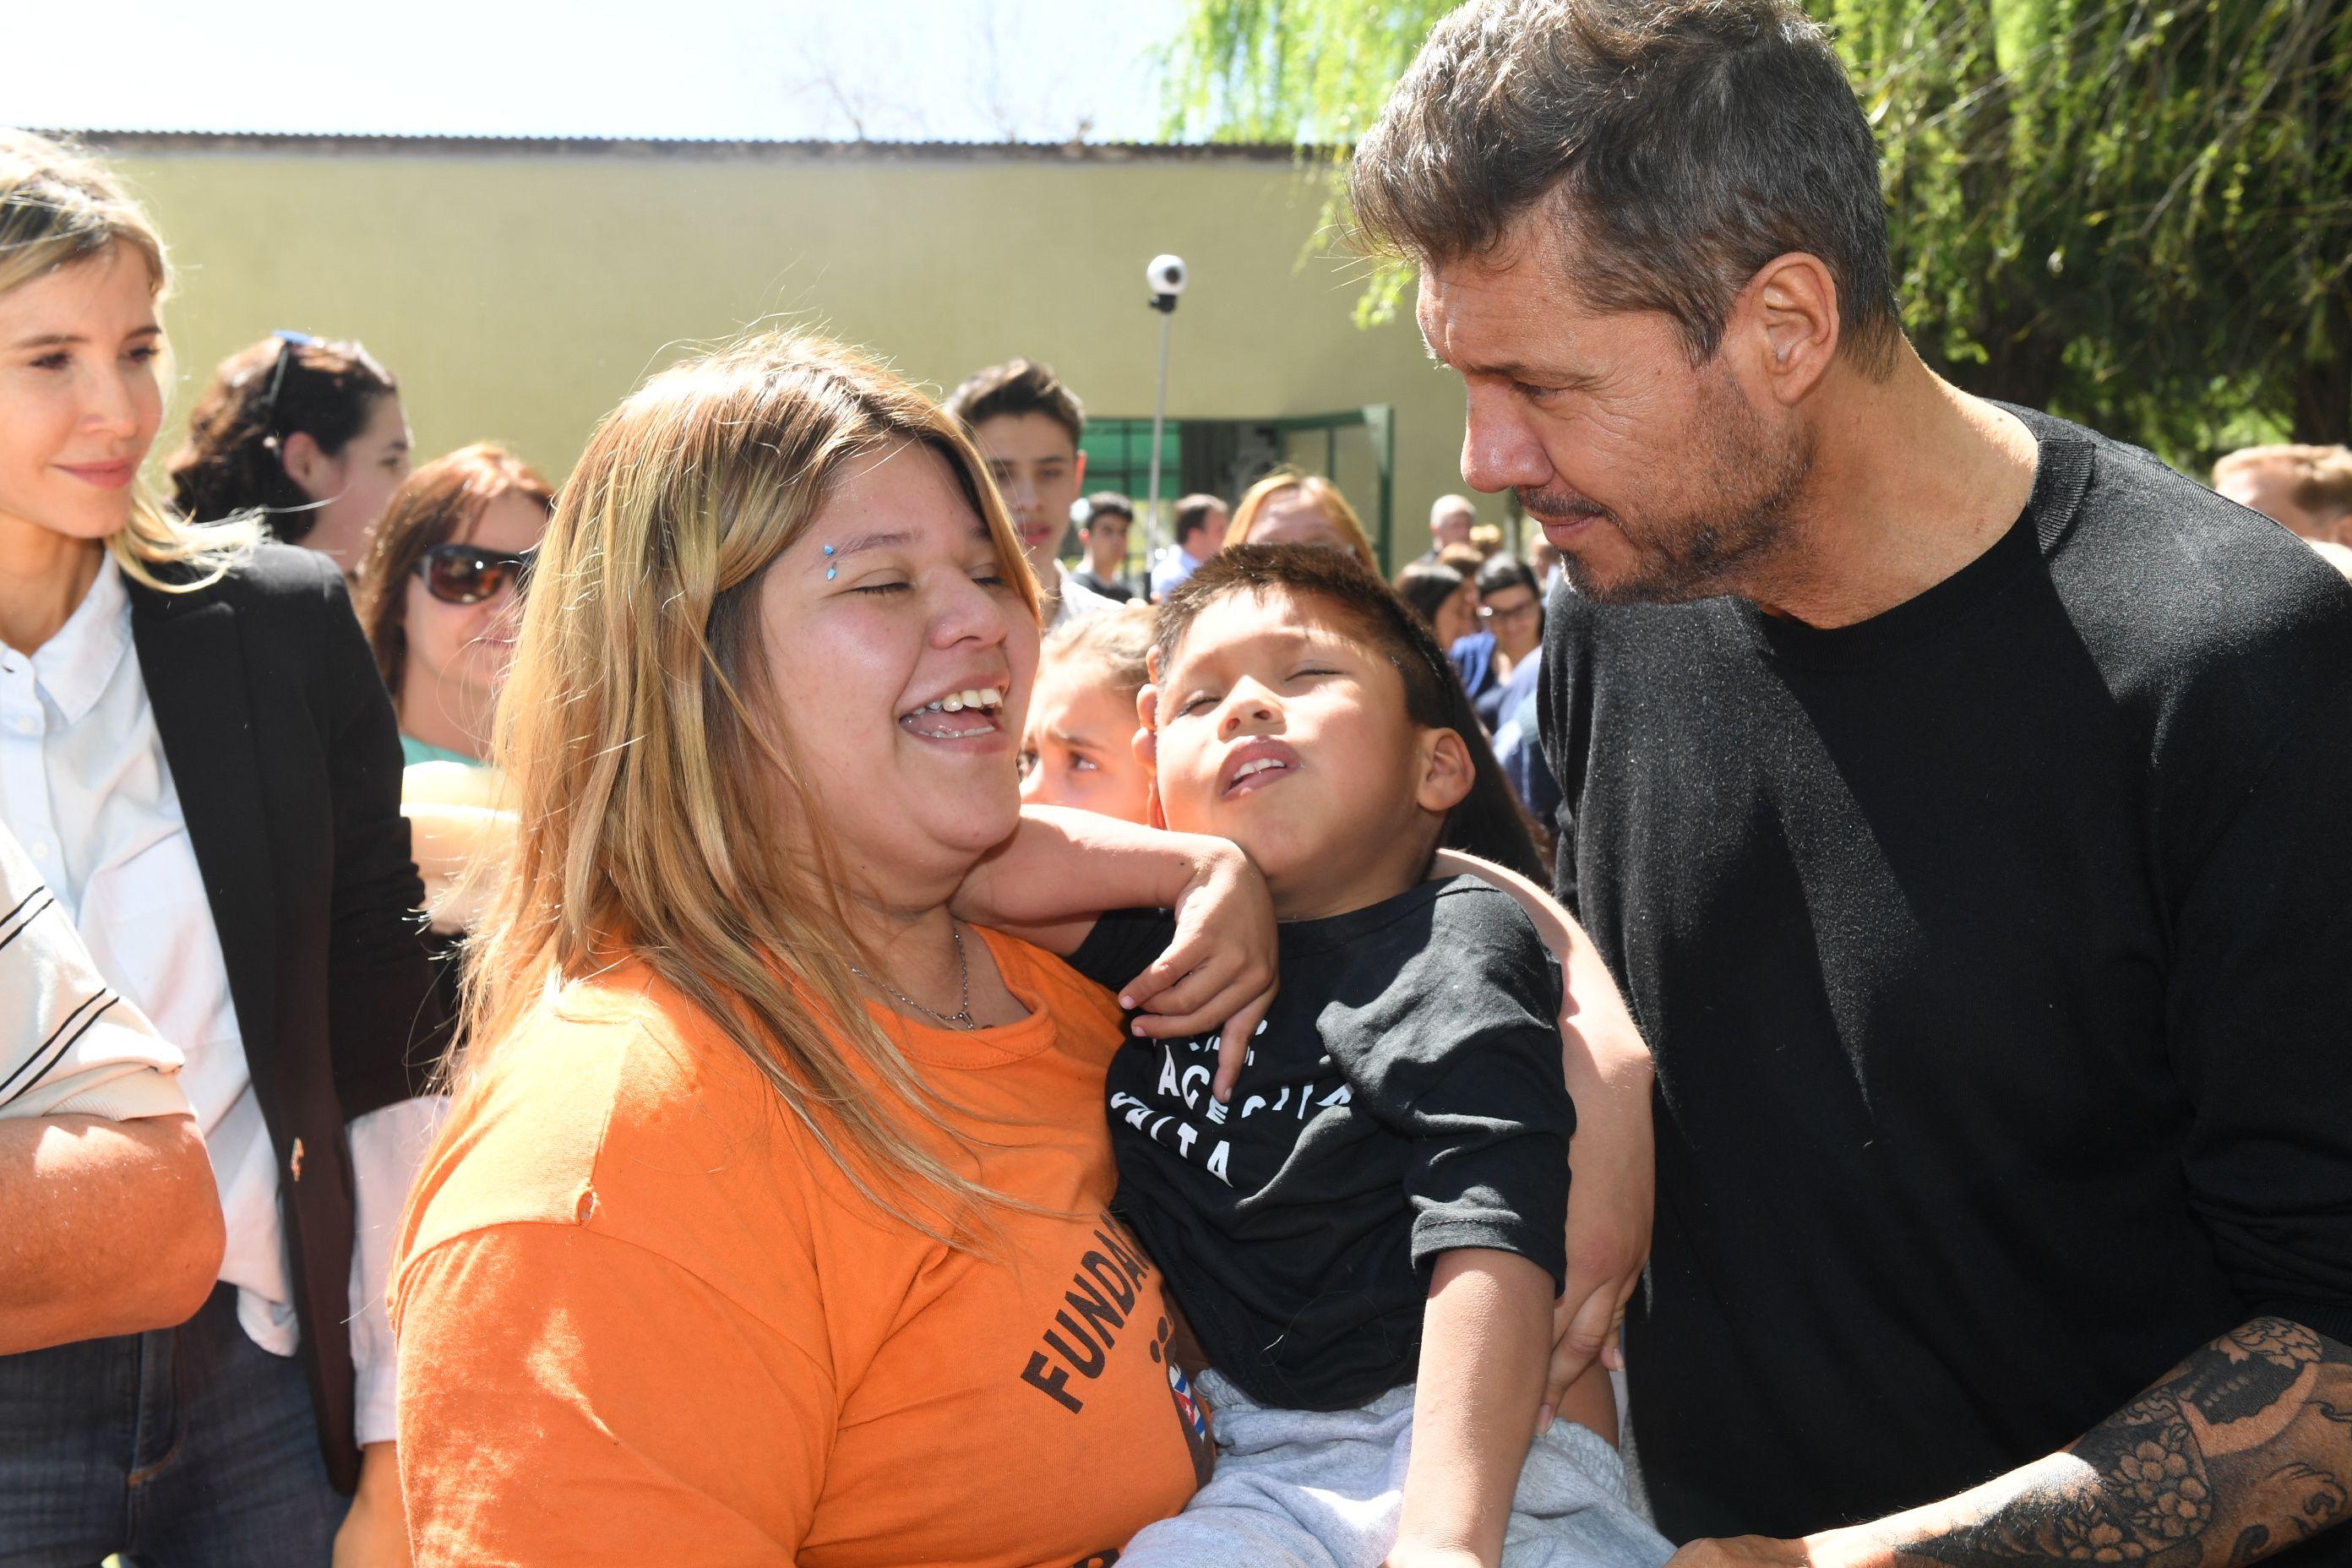 El fin de semana solidario de Marcelo Tinelli y Guillermina Valdes en Bolívar